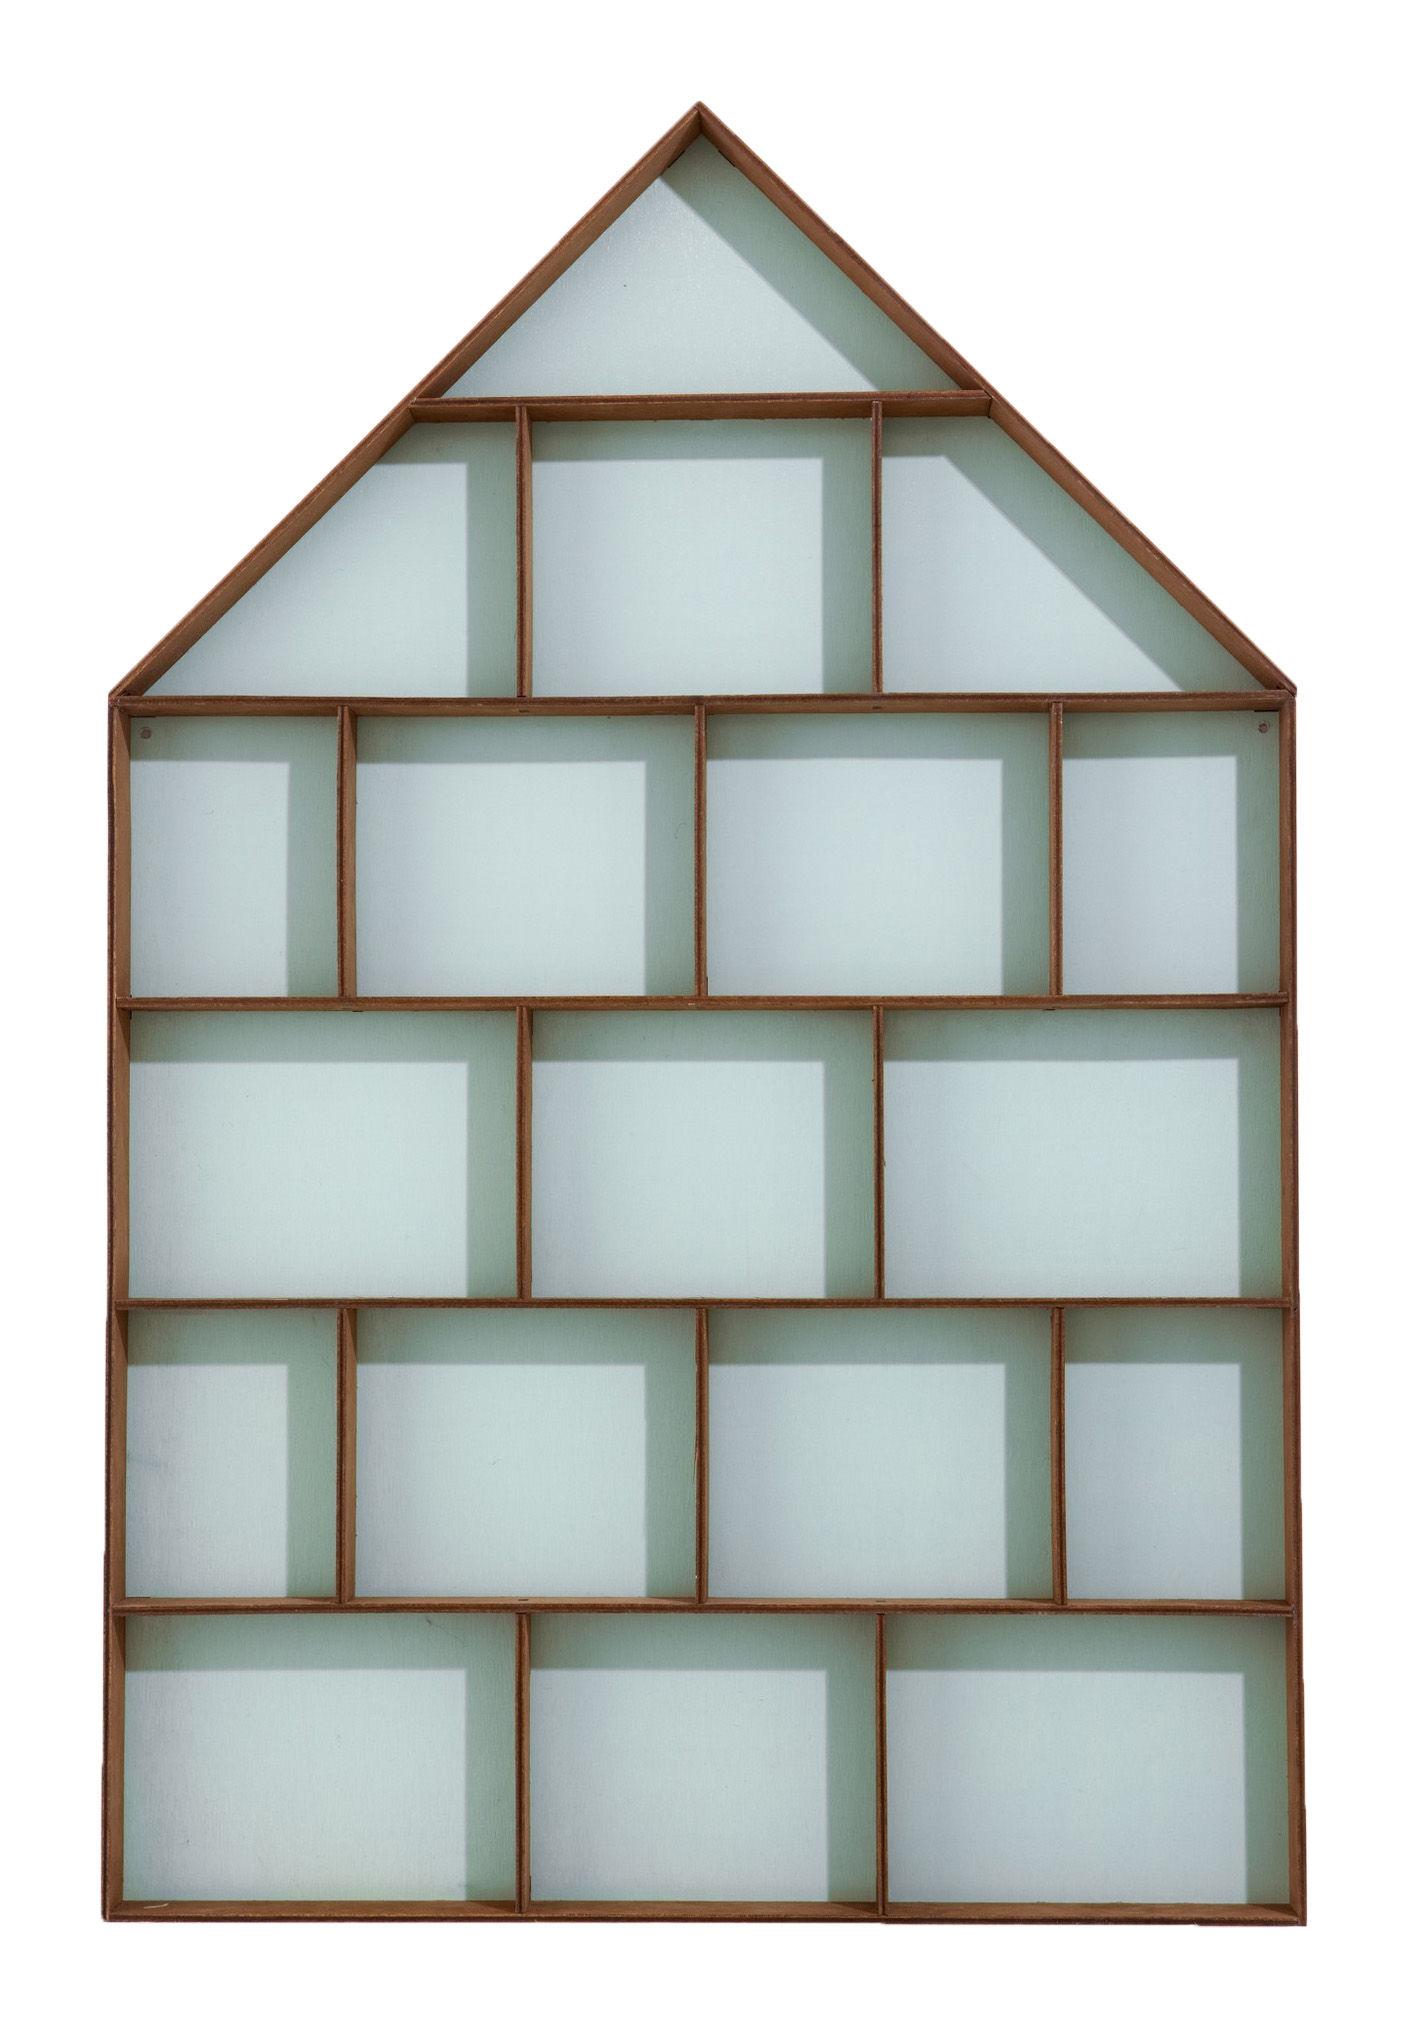 Mobilier - Compléments d'ameublement - Etagère Dorm vitrine - Ferm Living - 18 chambres - Bois / Fond bleu ciel - Contreplaqué